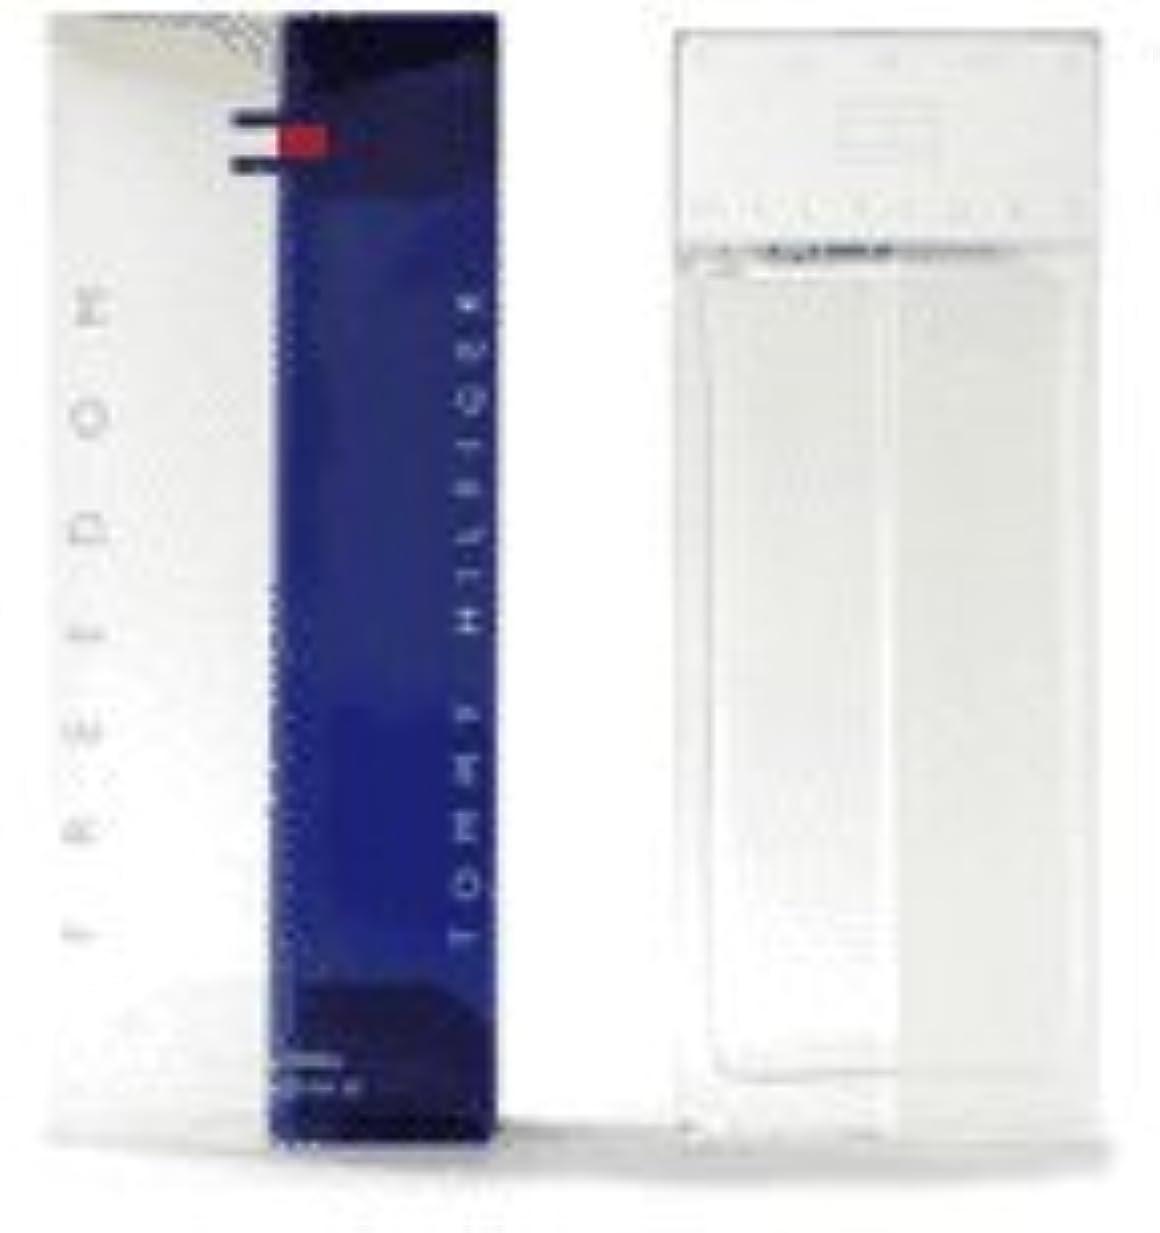 好奇心盛徐々に限りなくFreedom (フリーダム) 3.4 oz (100ml) EDT Spray by Tommy Hilfiger for Men